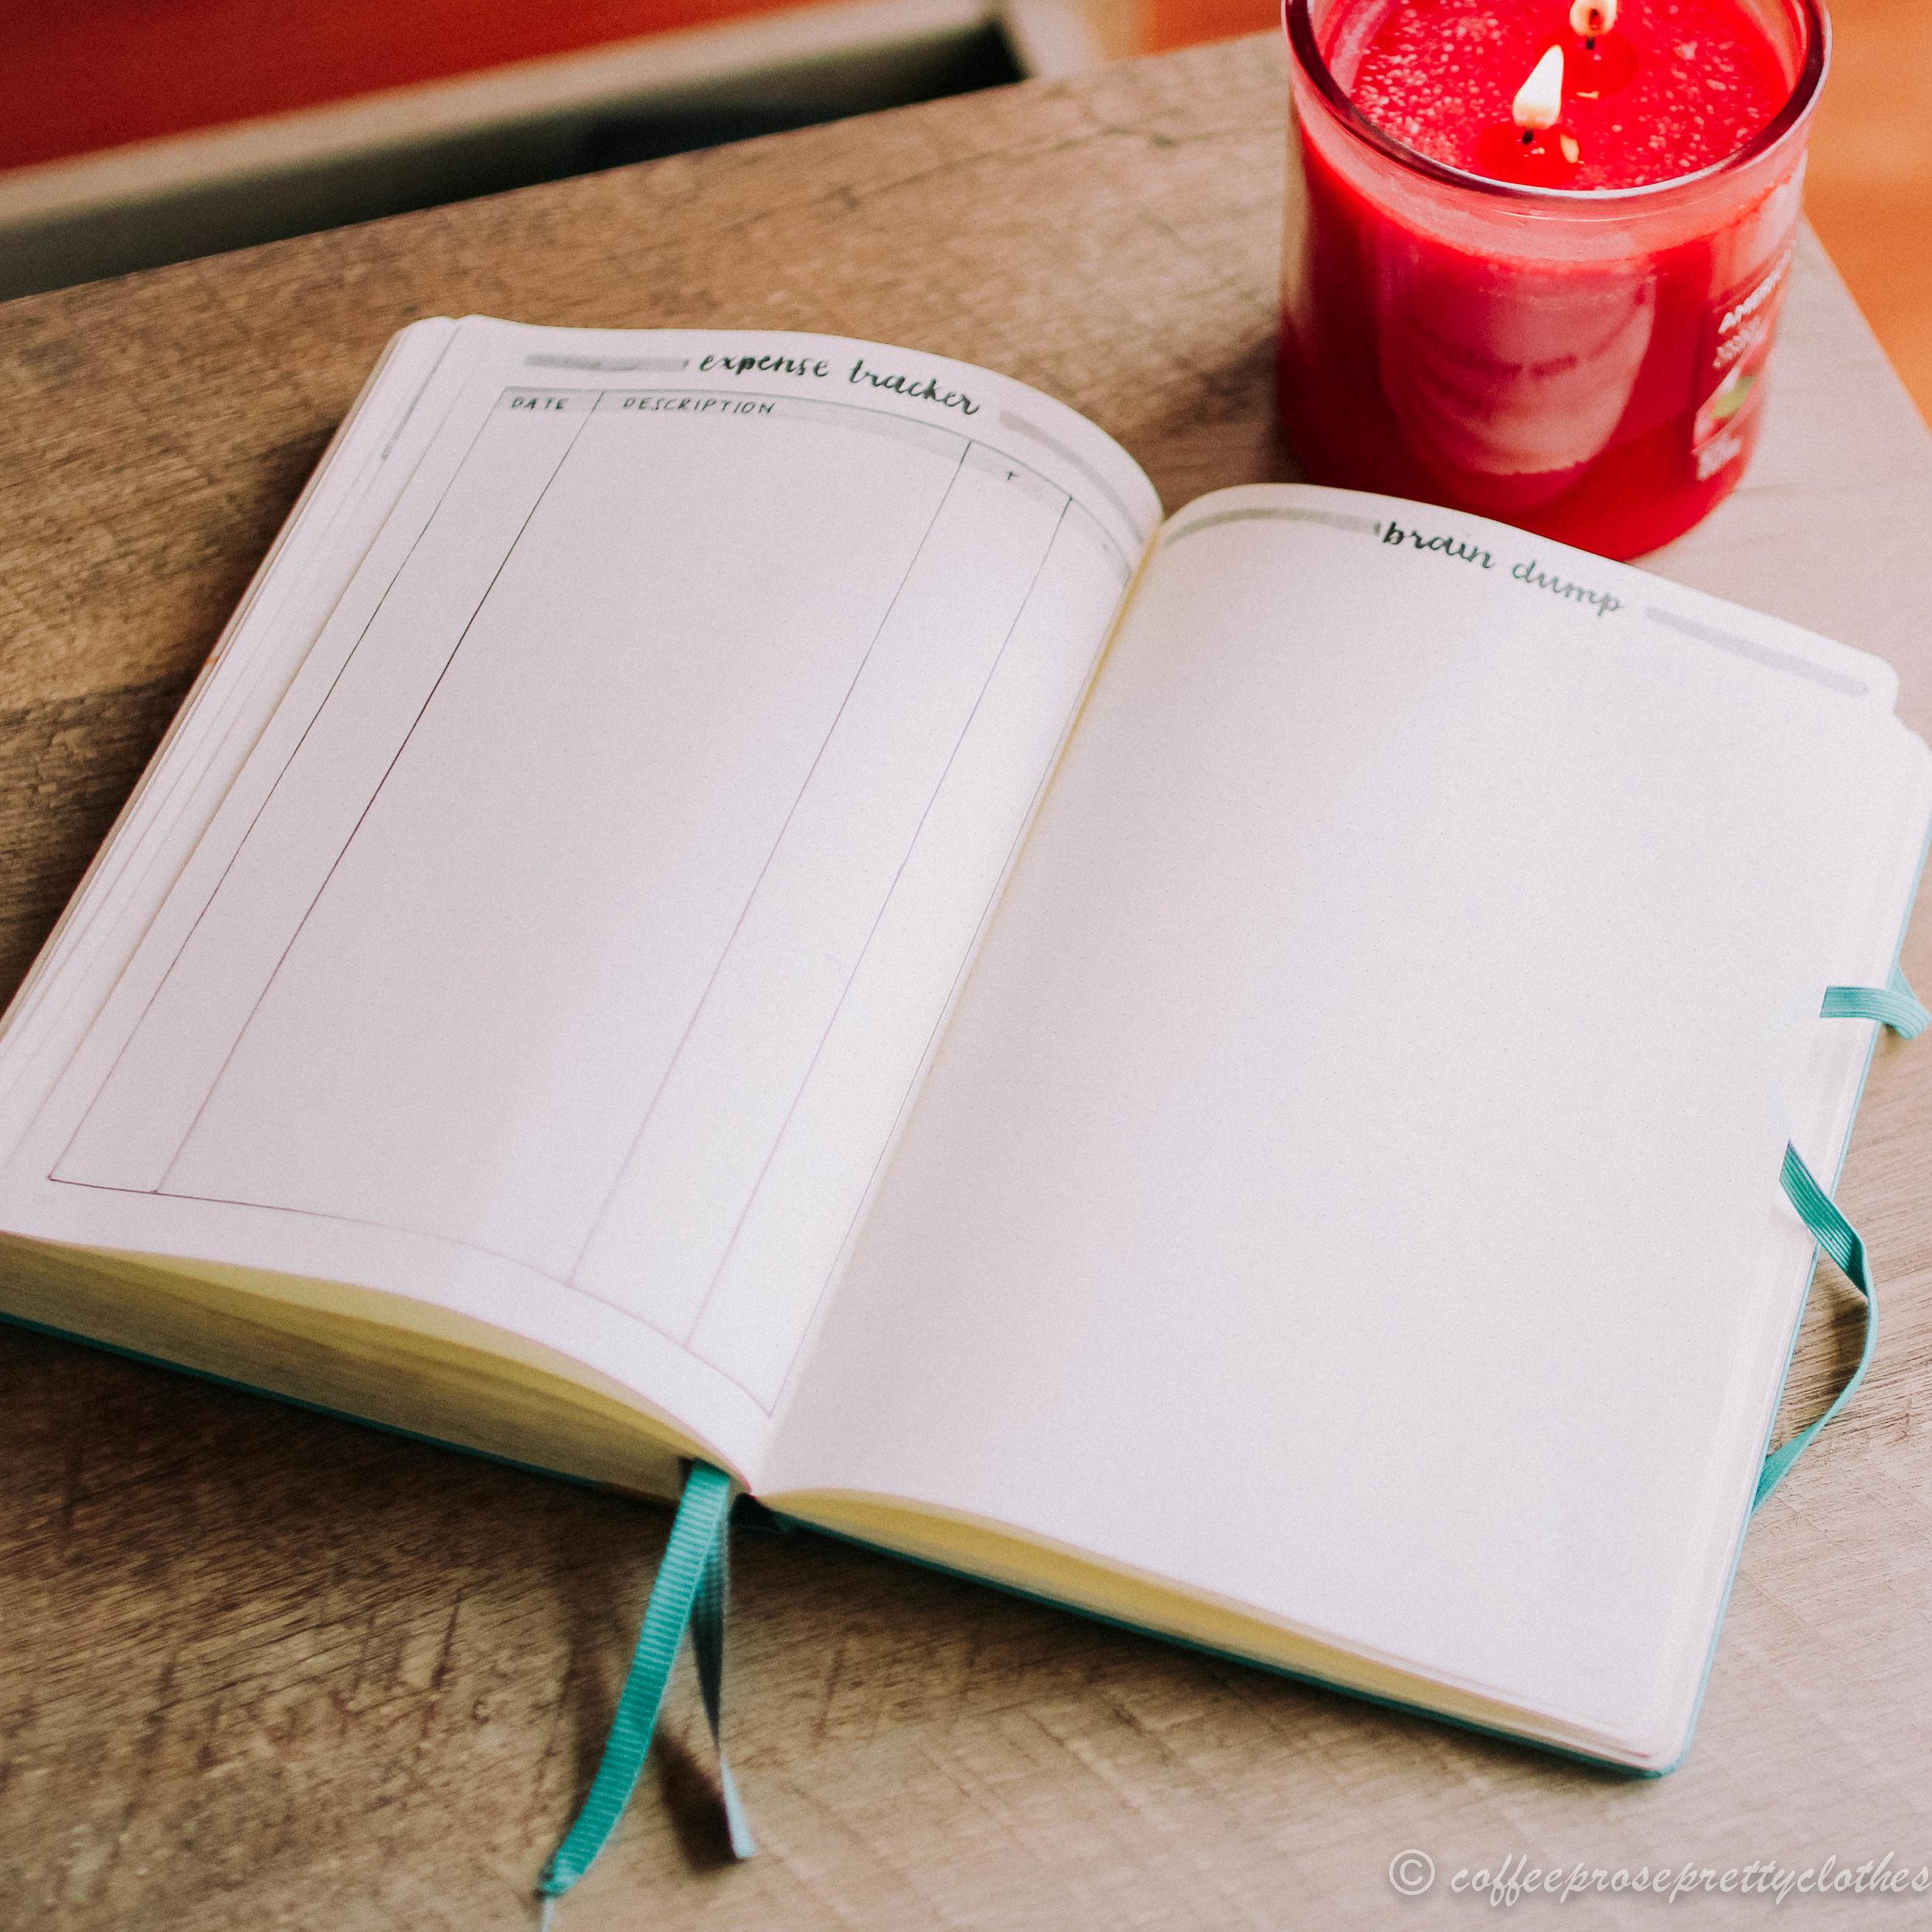 November travel theme bullet journal expense tracker and brain dump